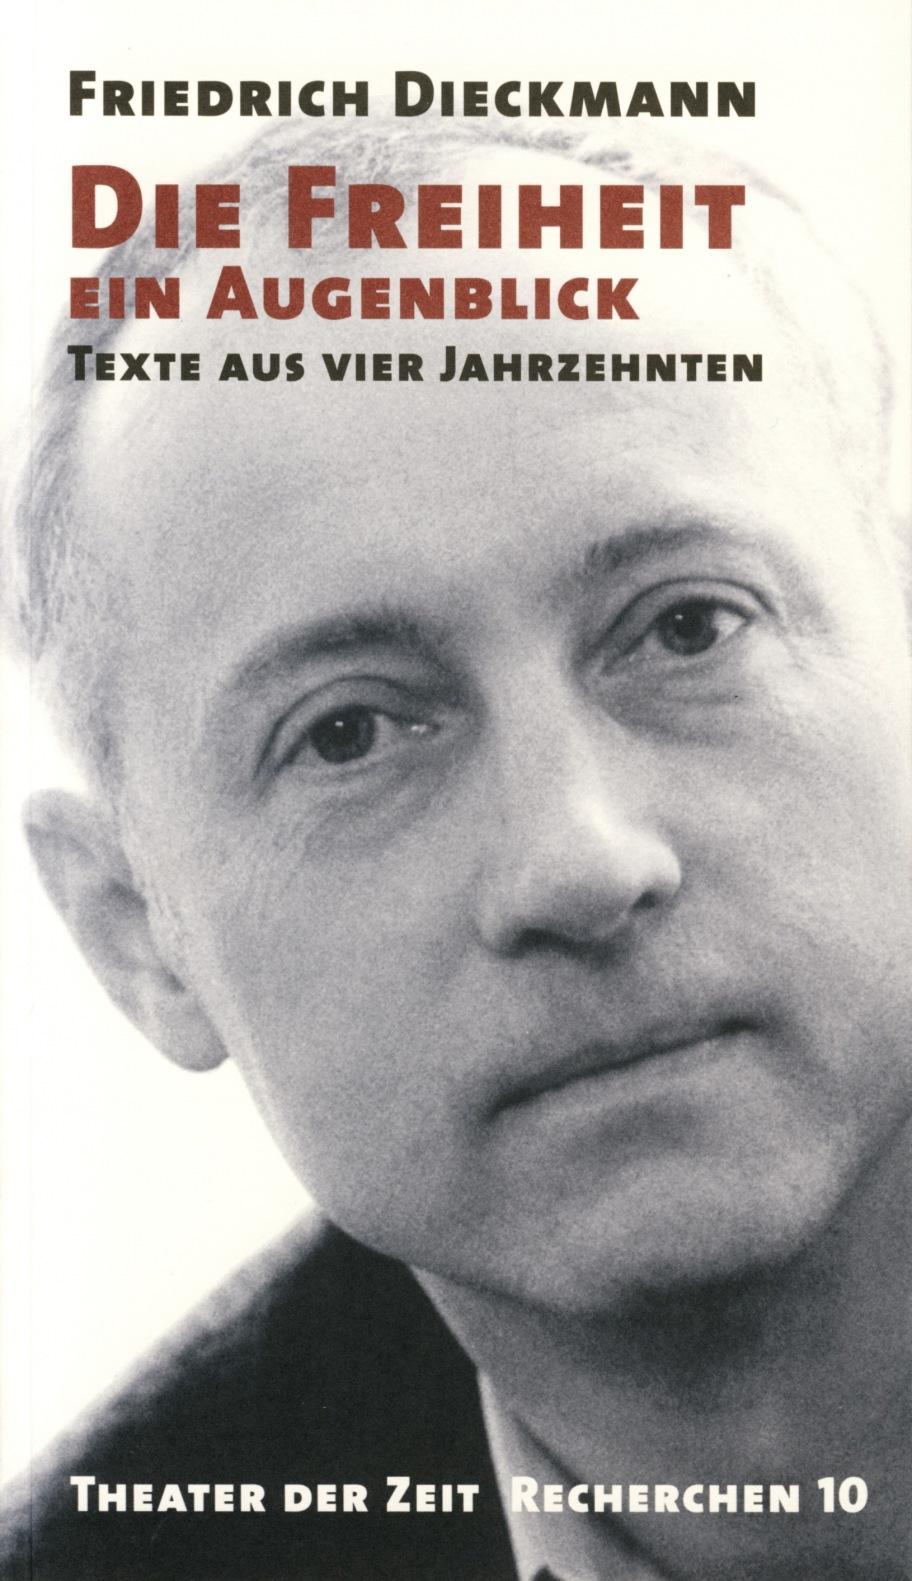 Friedrich Dieckmann: Die Freiheit ein Augenblick